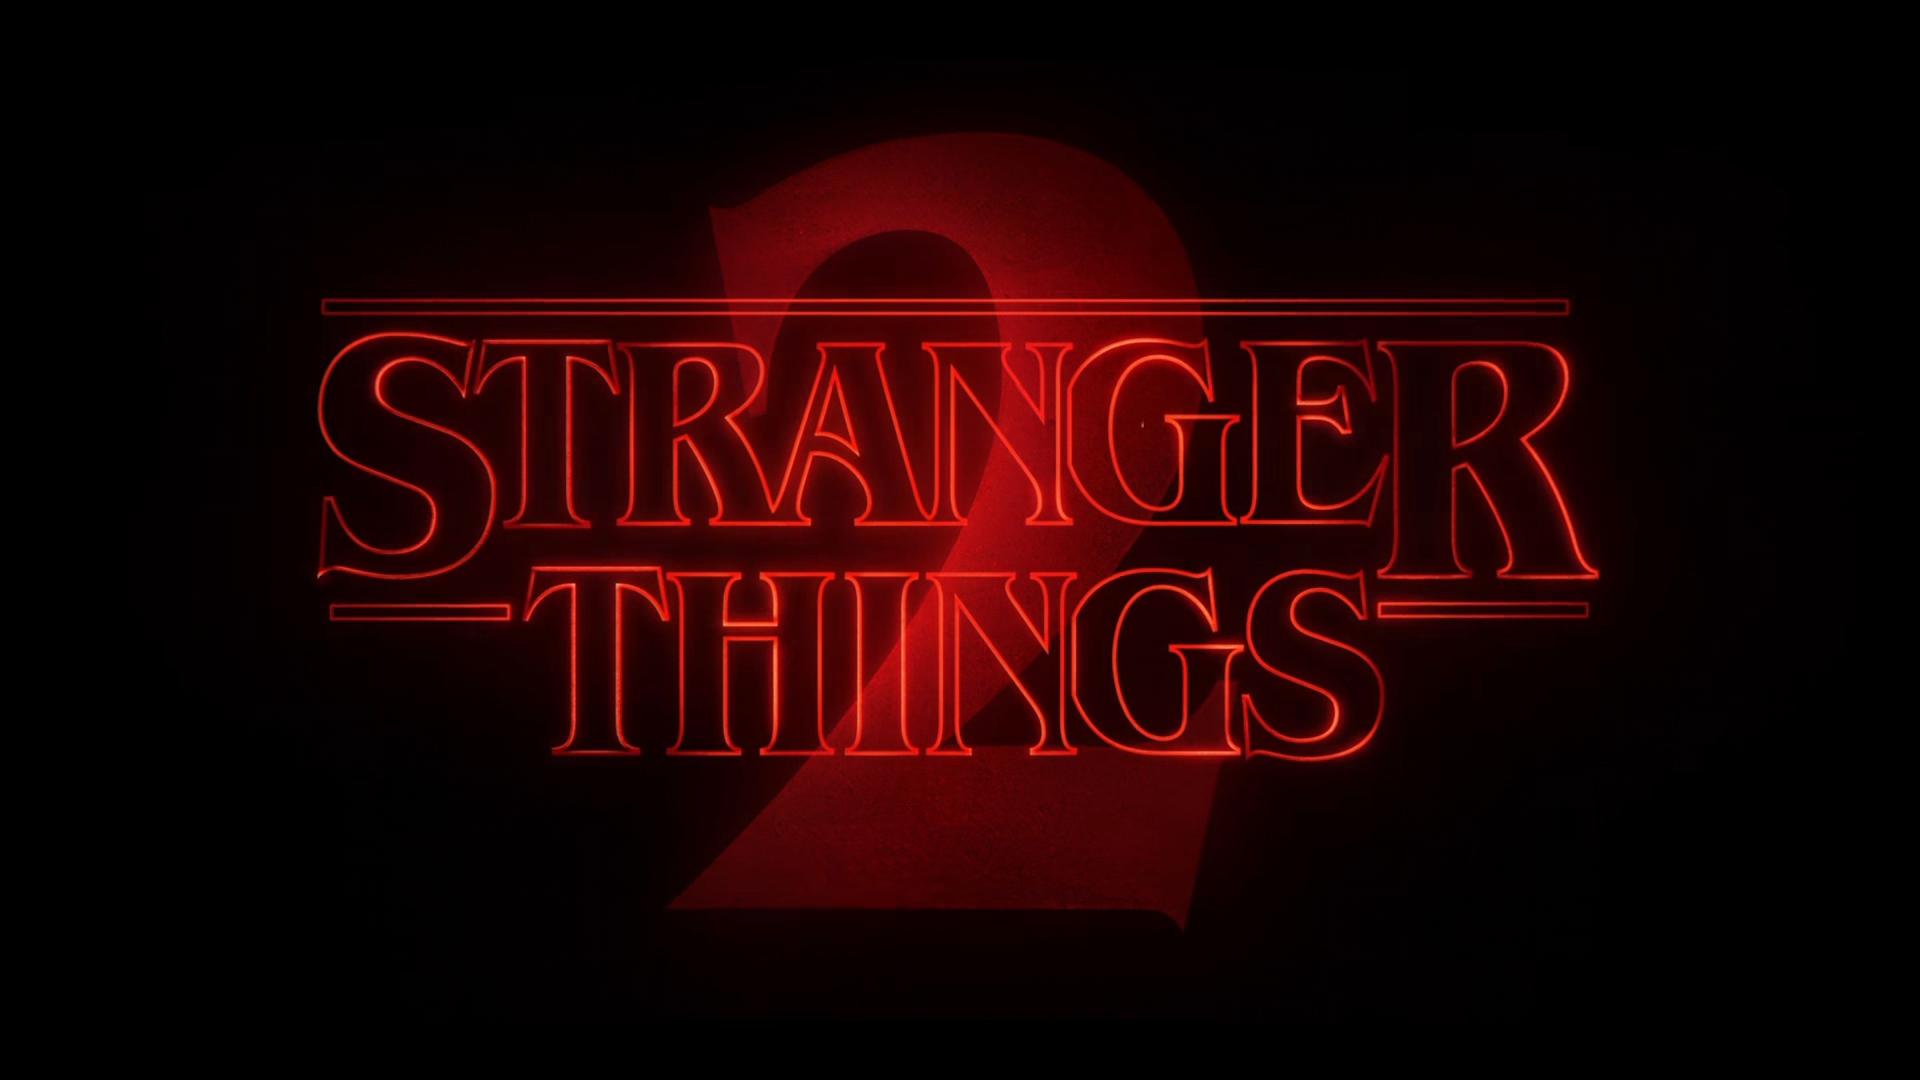 La temporada 2 de Stranger Things llegará para Halloween